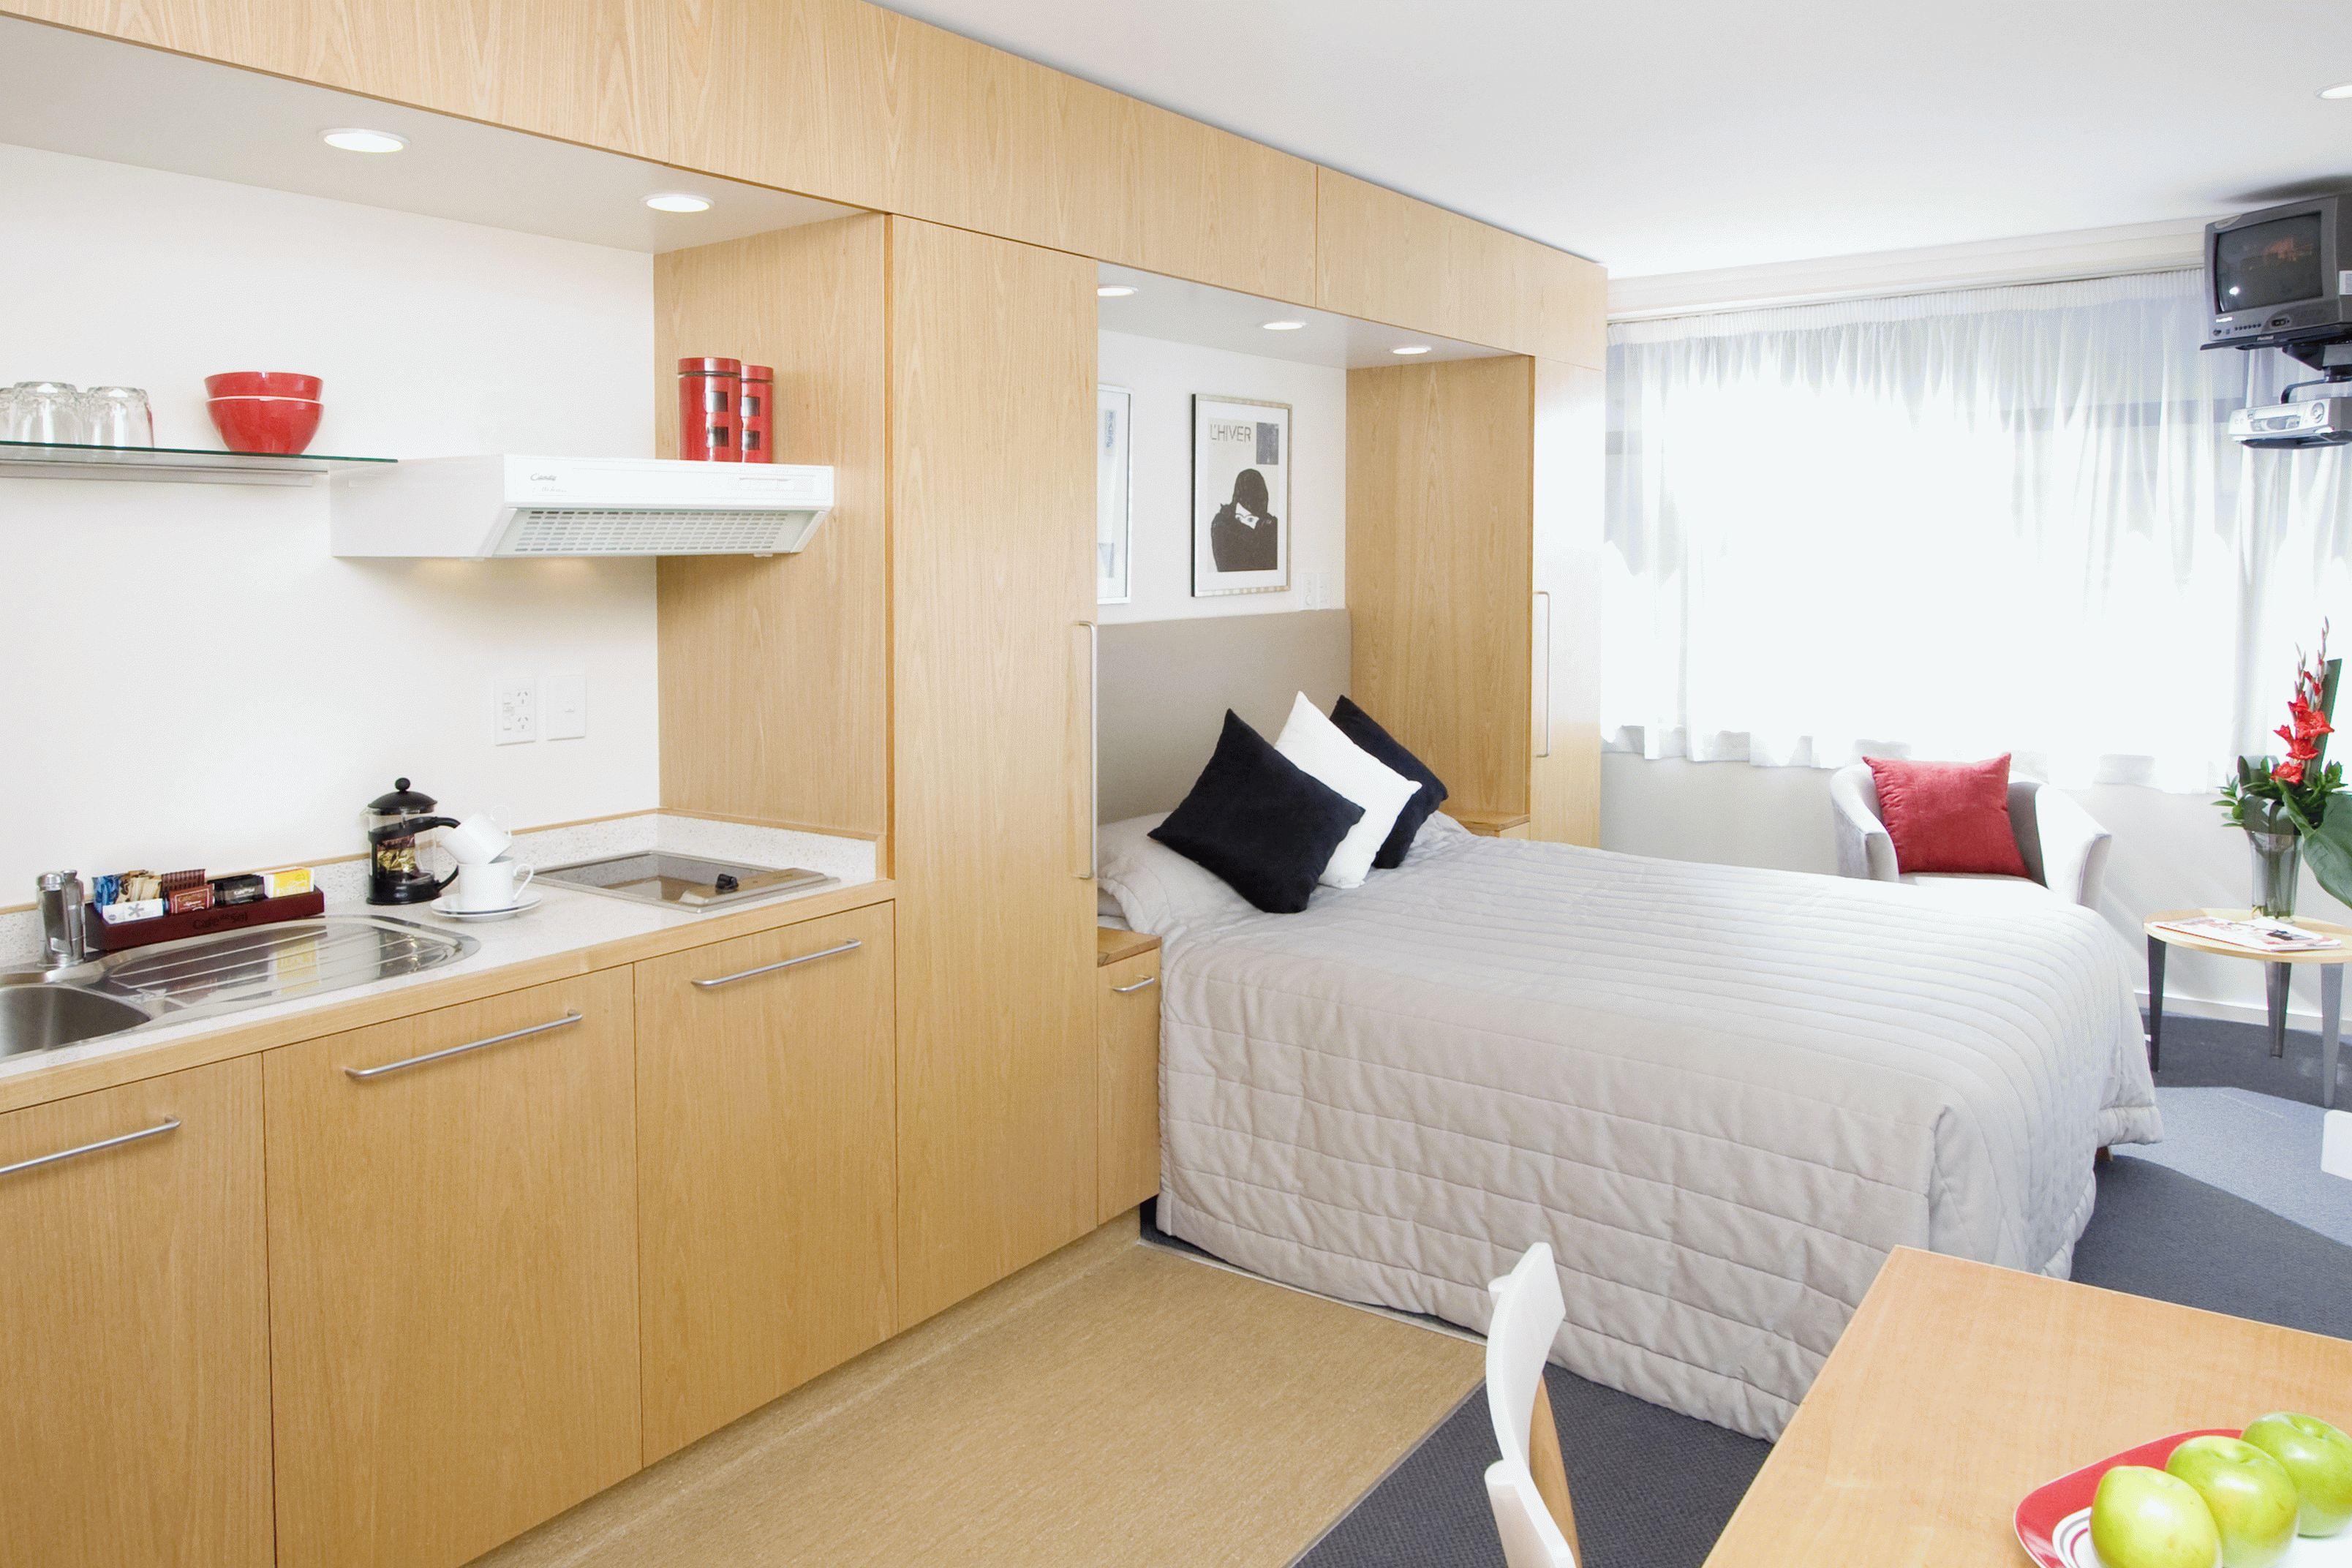 Складная кровать, убираемая в шкаф